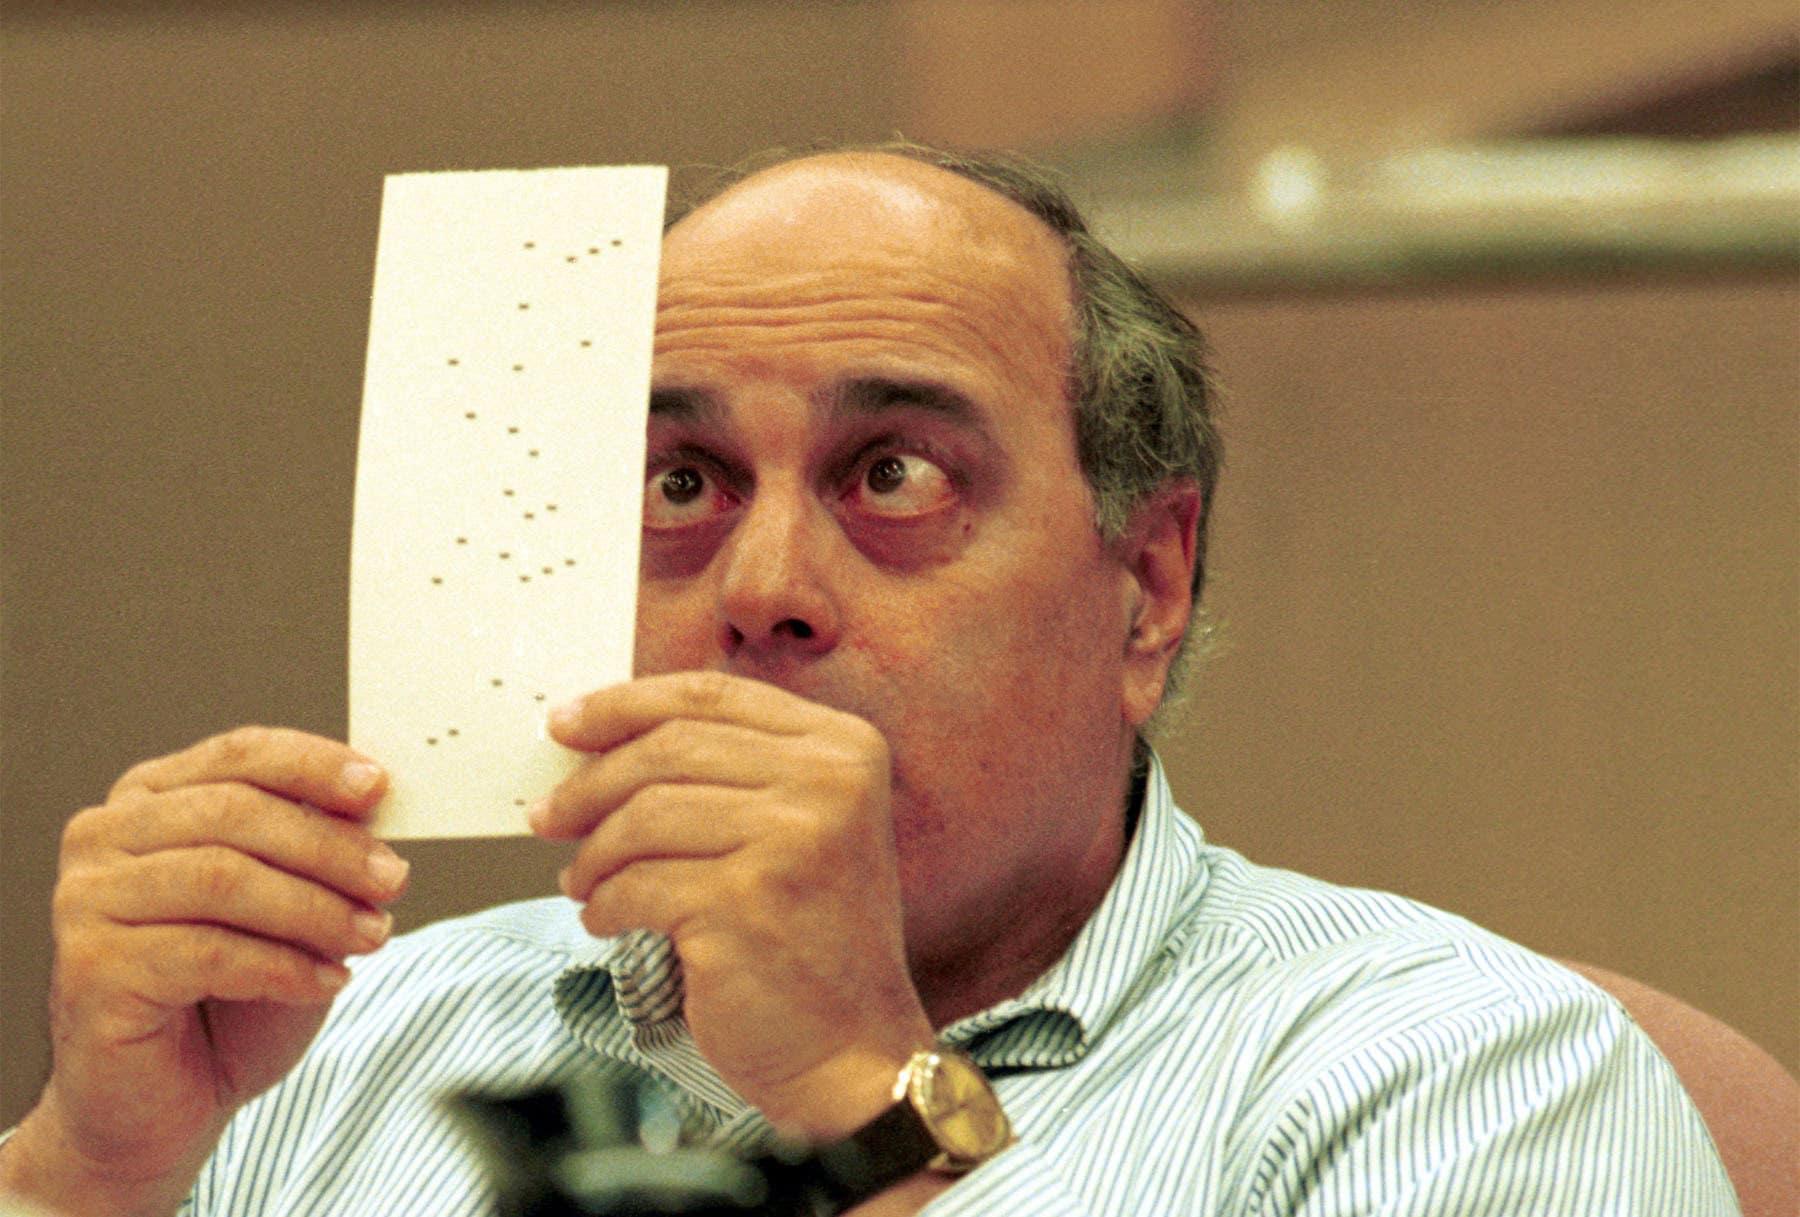 Das Riehener Wahlbüro hat selber eine Nachzählung veranlasst (das Bild zeigt einen Beamten aus Florida bei der Nachzählung